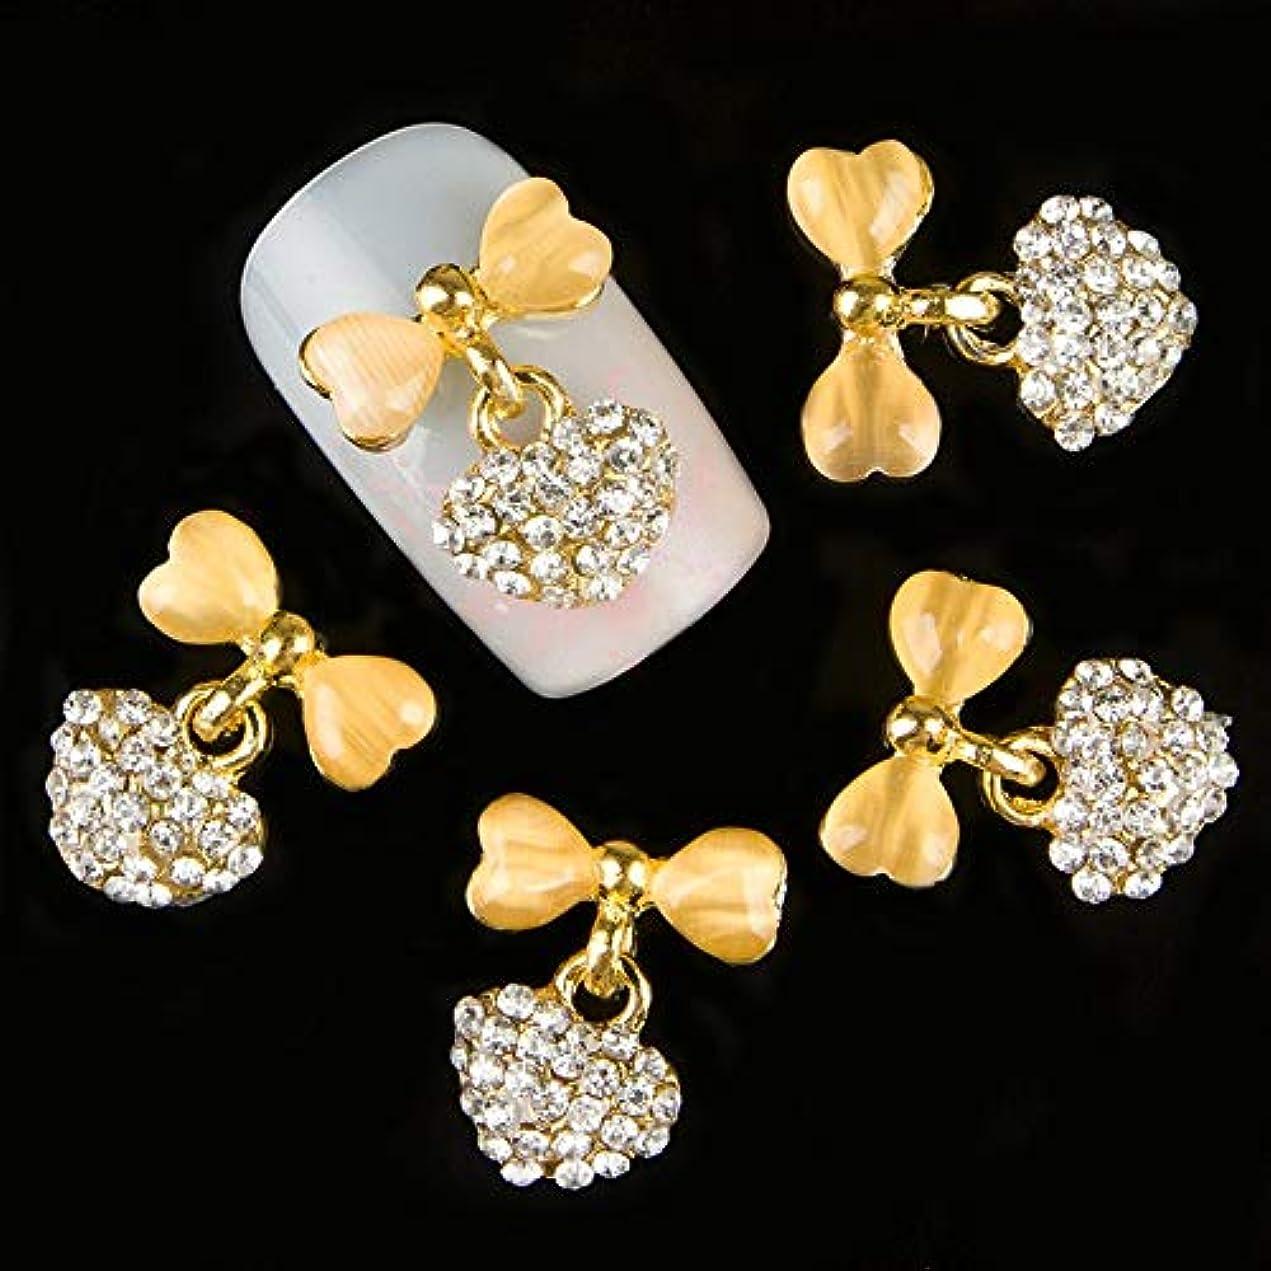 汗魅力泣いている10個入りの3D金の弓のきらめき宝石装飾ネイルアートのヒントデコレーションネイルスタッズラインストーン